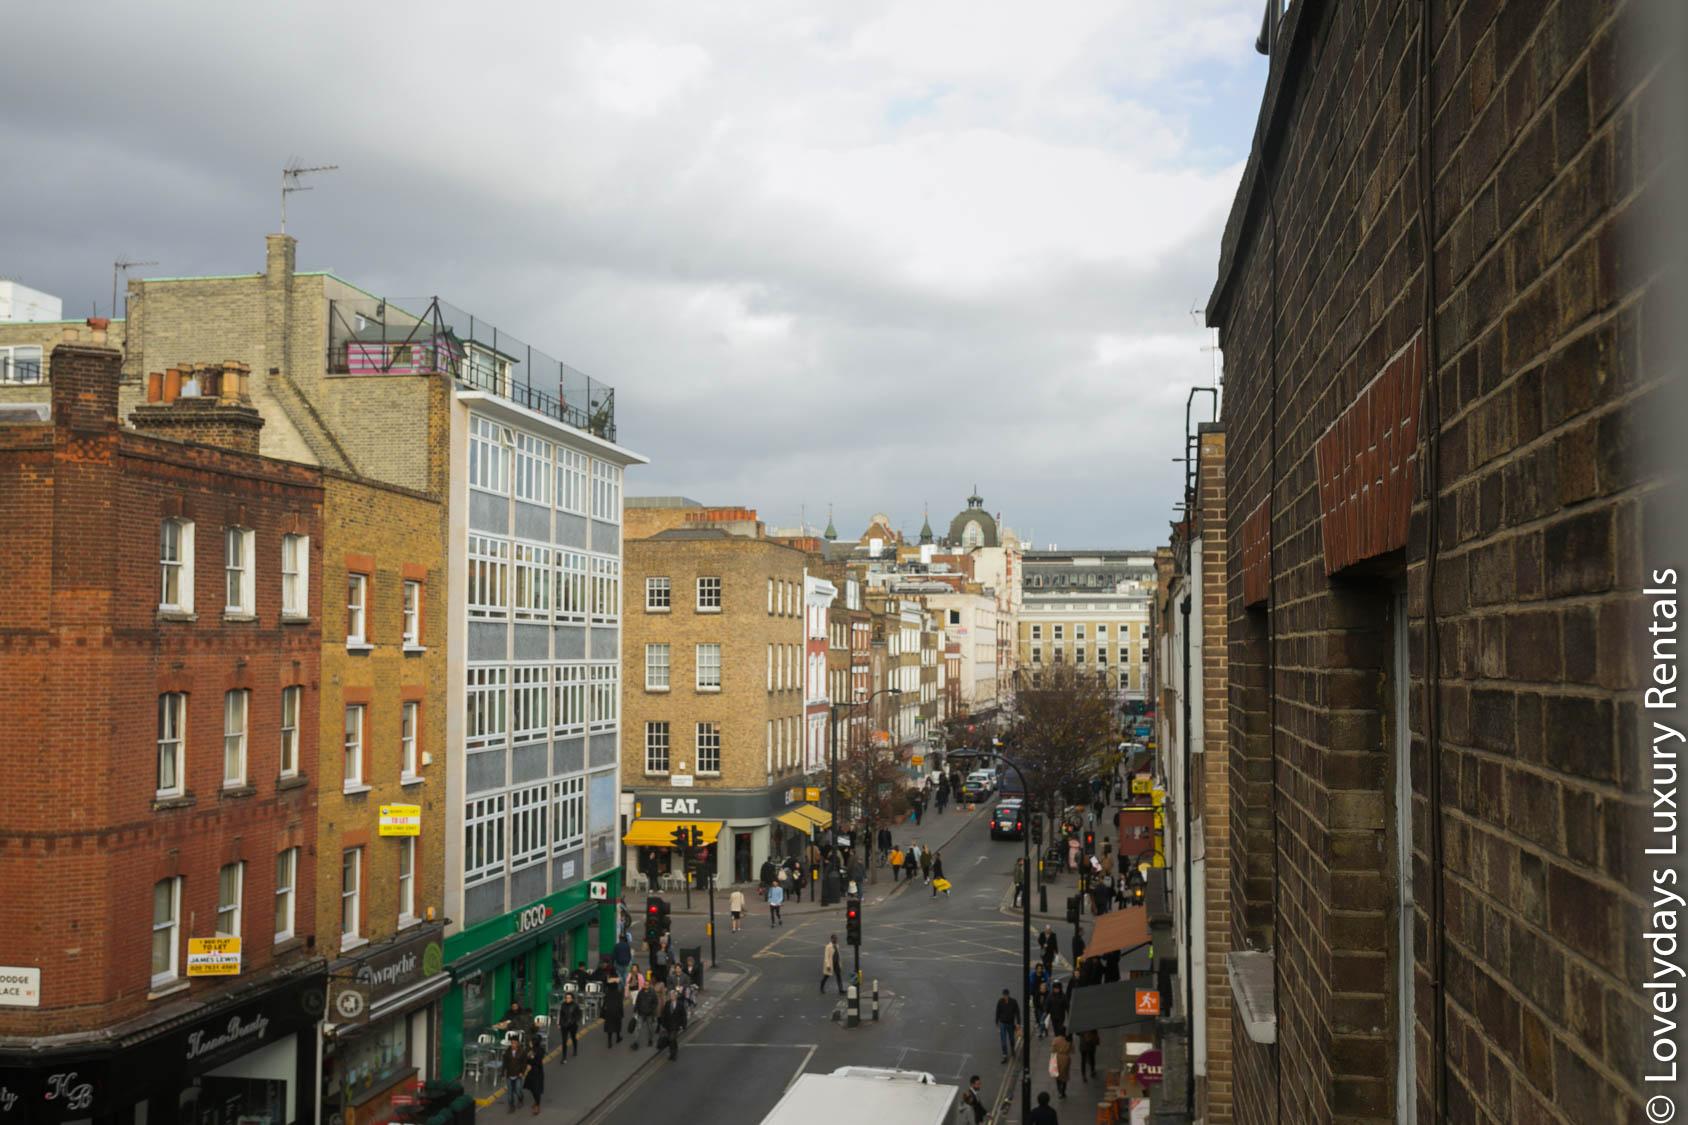 Lovelydays luxury service apartment rental - London - Fitzrovia - Goodge 55 - Lovelysuite - 2 bedrooms - 3 bathrooms - Hallway - 7acbd1b07064 - Lovelydays